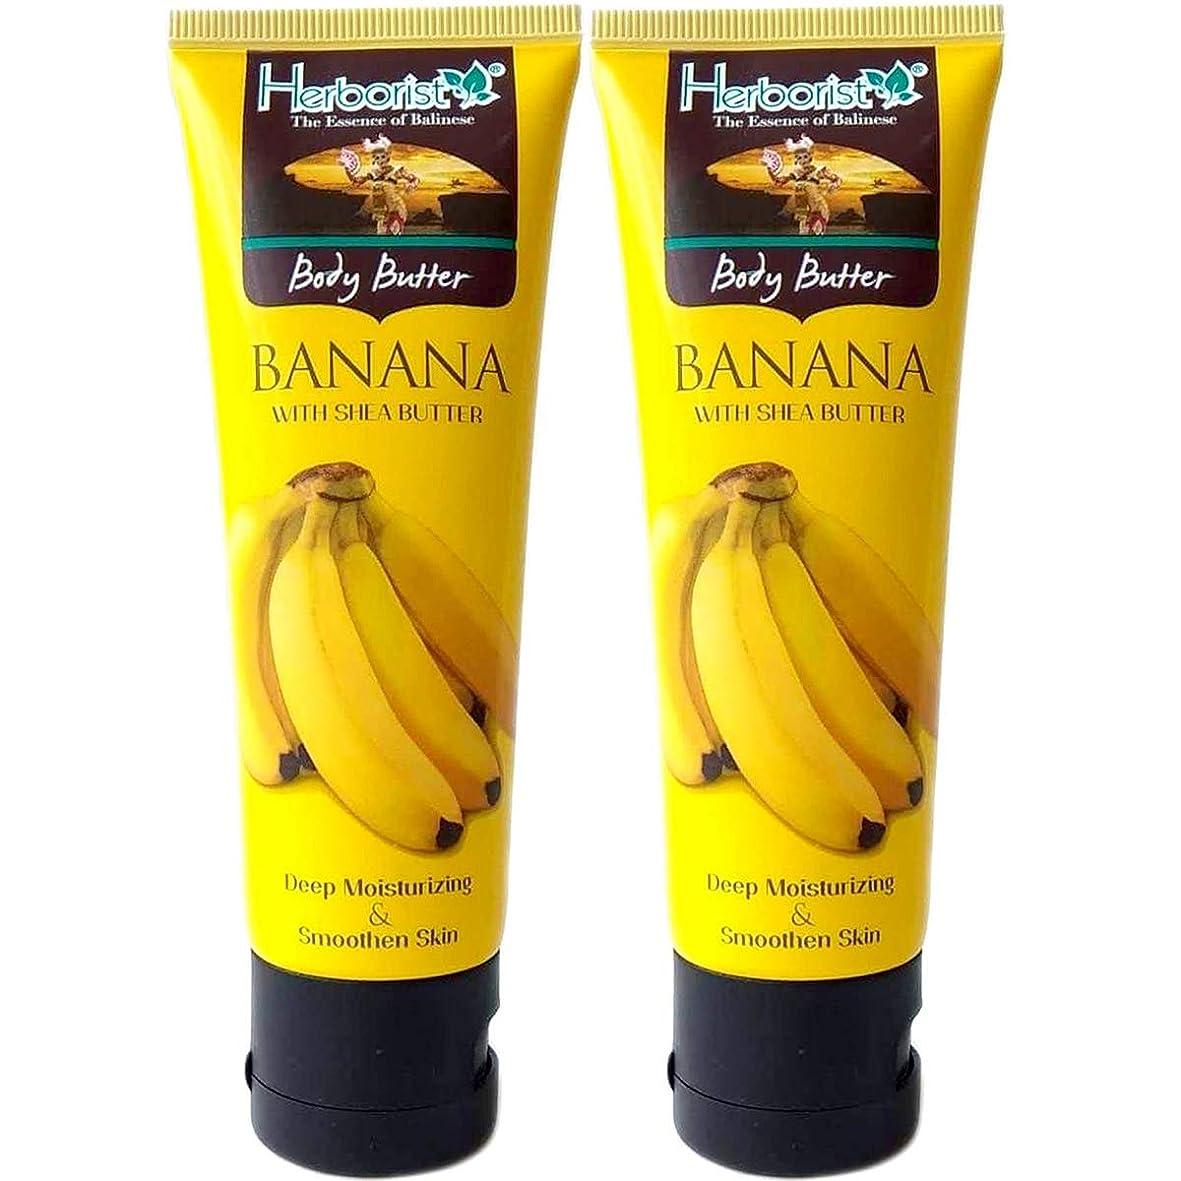 死傷者盗難多用途Herborist ハーボリスト Body Butter ボディバター バリスイーツの香り シアバター配合 80g×2個セット Banana バナナ [海外直送品]